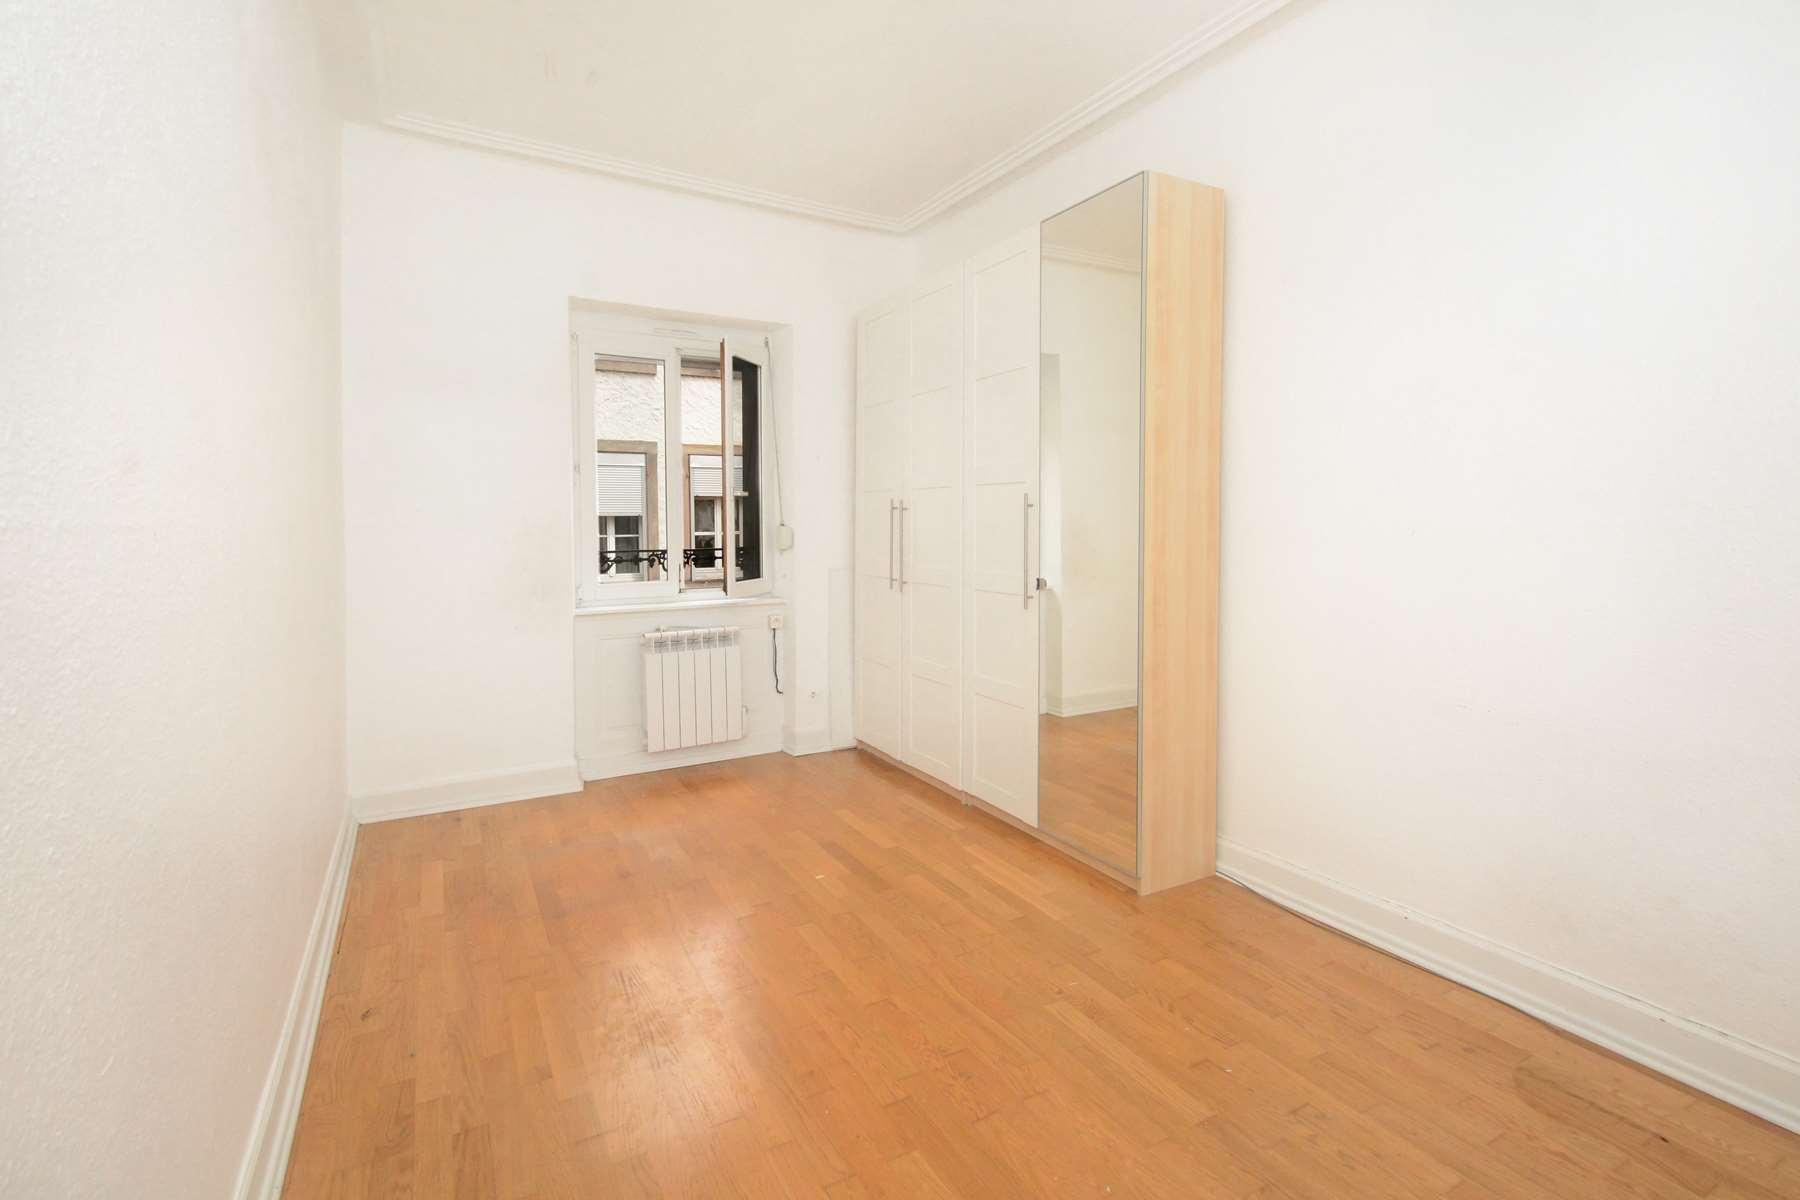 [Thémis] L'appartement 4 pièces au cœur du quartier du Tribunal - nos ventes - Beausite Immobilier 6